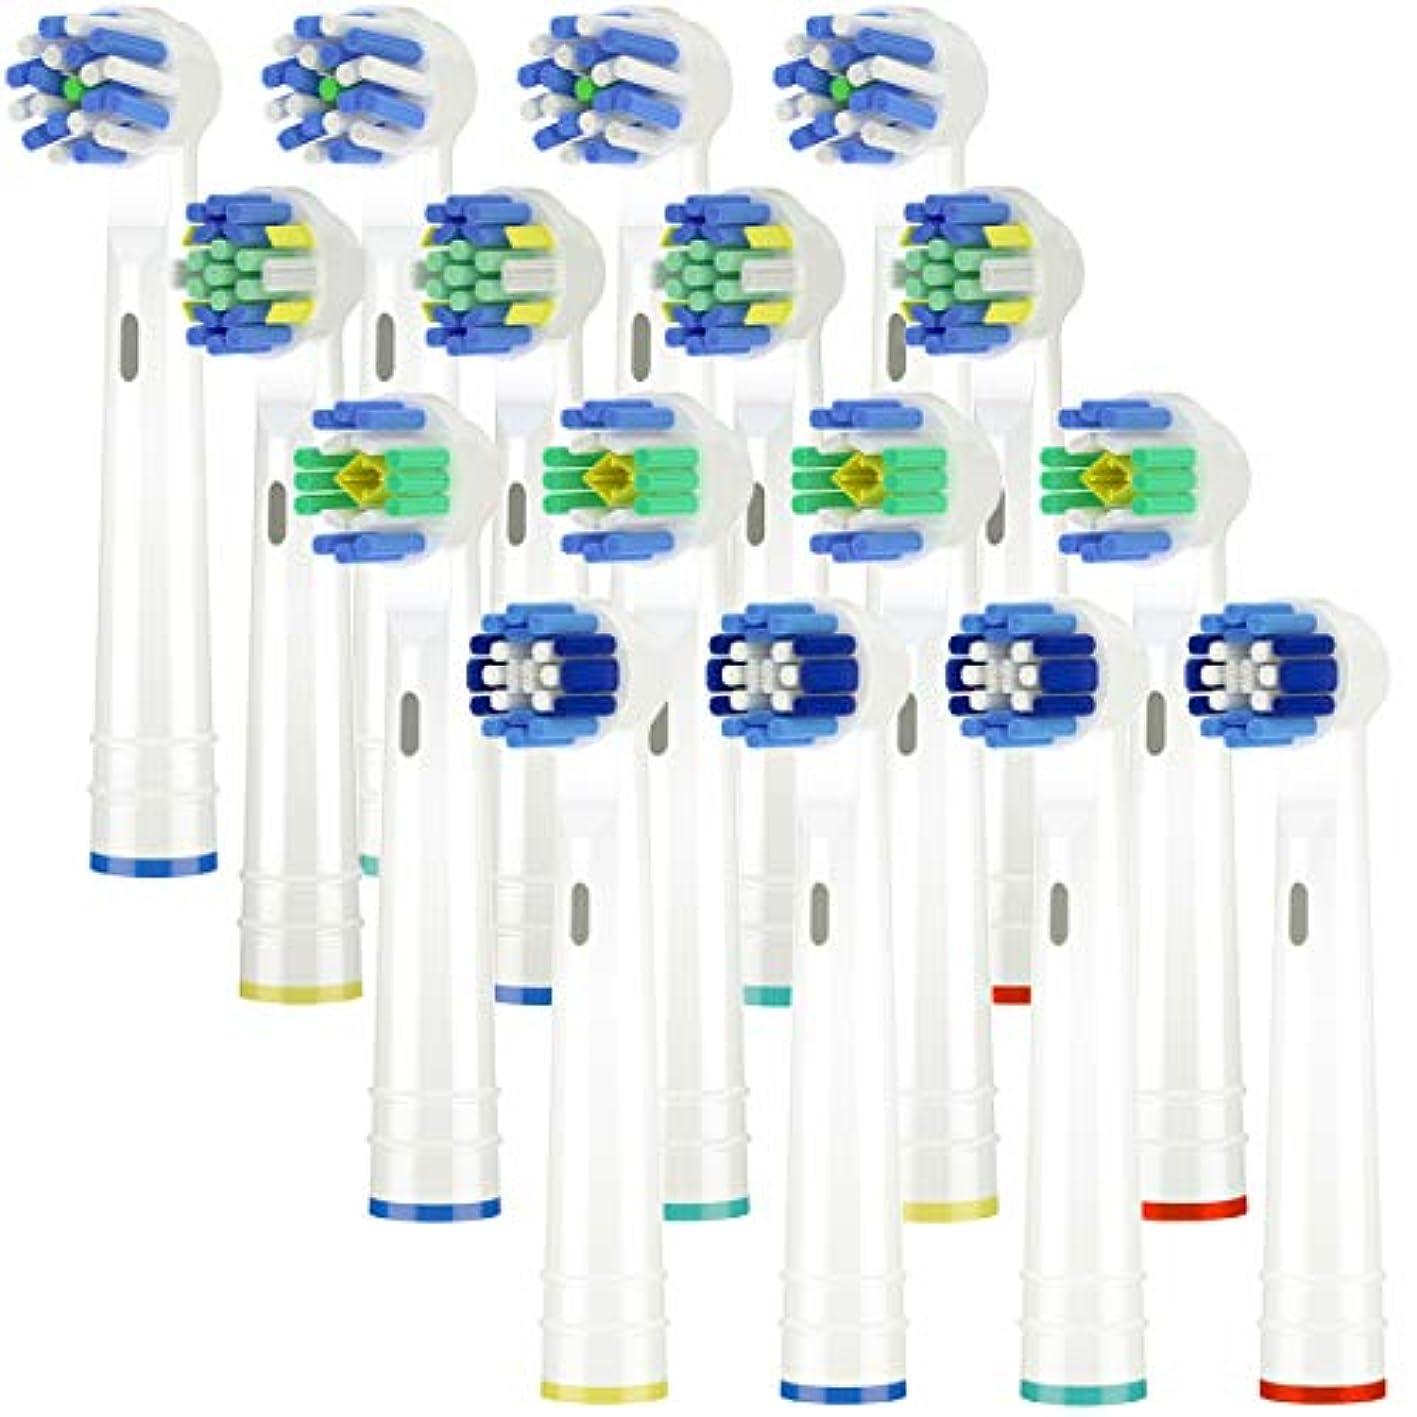 アナロジーミシン定義Itechnik 電動歯ブラシ 替えブラシ ブラウン オーラルB 対応 替えブラシ 4種類が入り:ホワイトニングブラシ 、ベーシックブラシ、歯間ワイパー付きブラシ、マルチアクションブラシ 凡用な16本